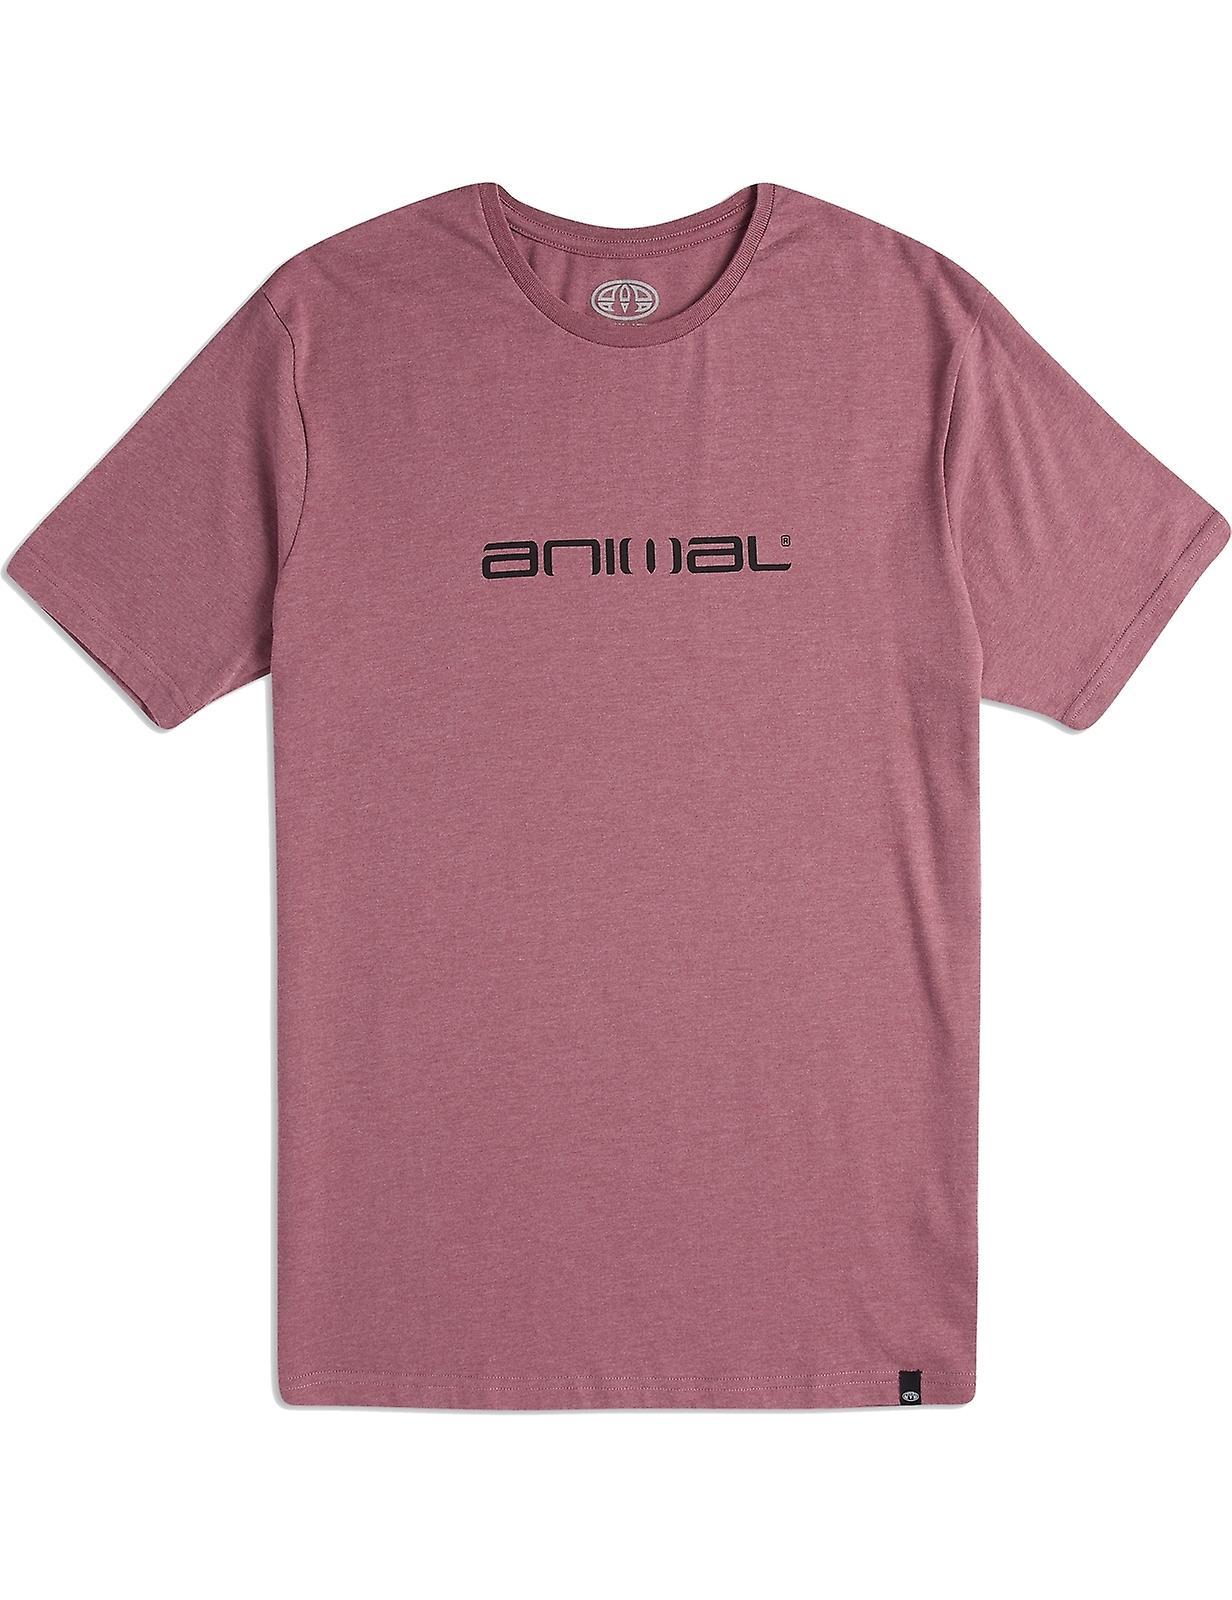 DEL ZEPPELIN DAZED Confused amplifié Anthracite T-shirt-Unisexe